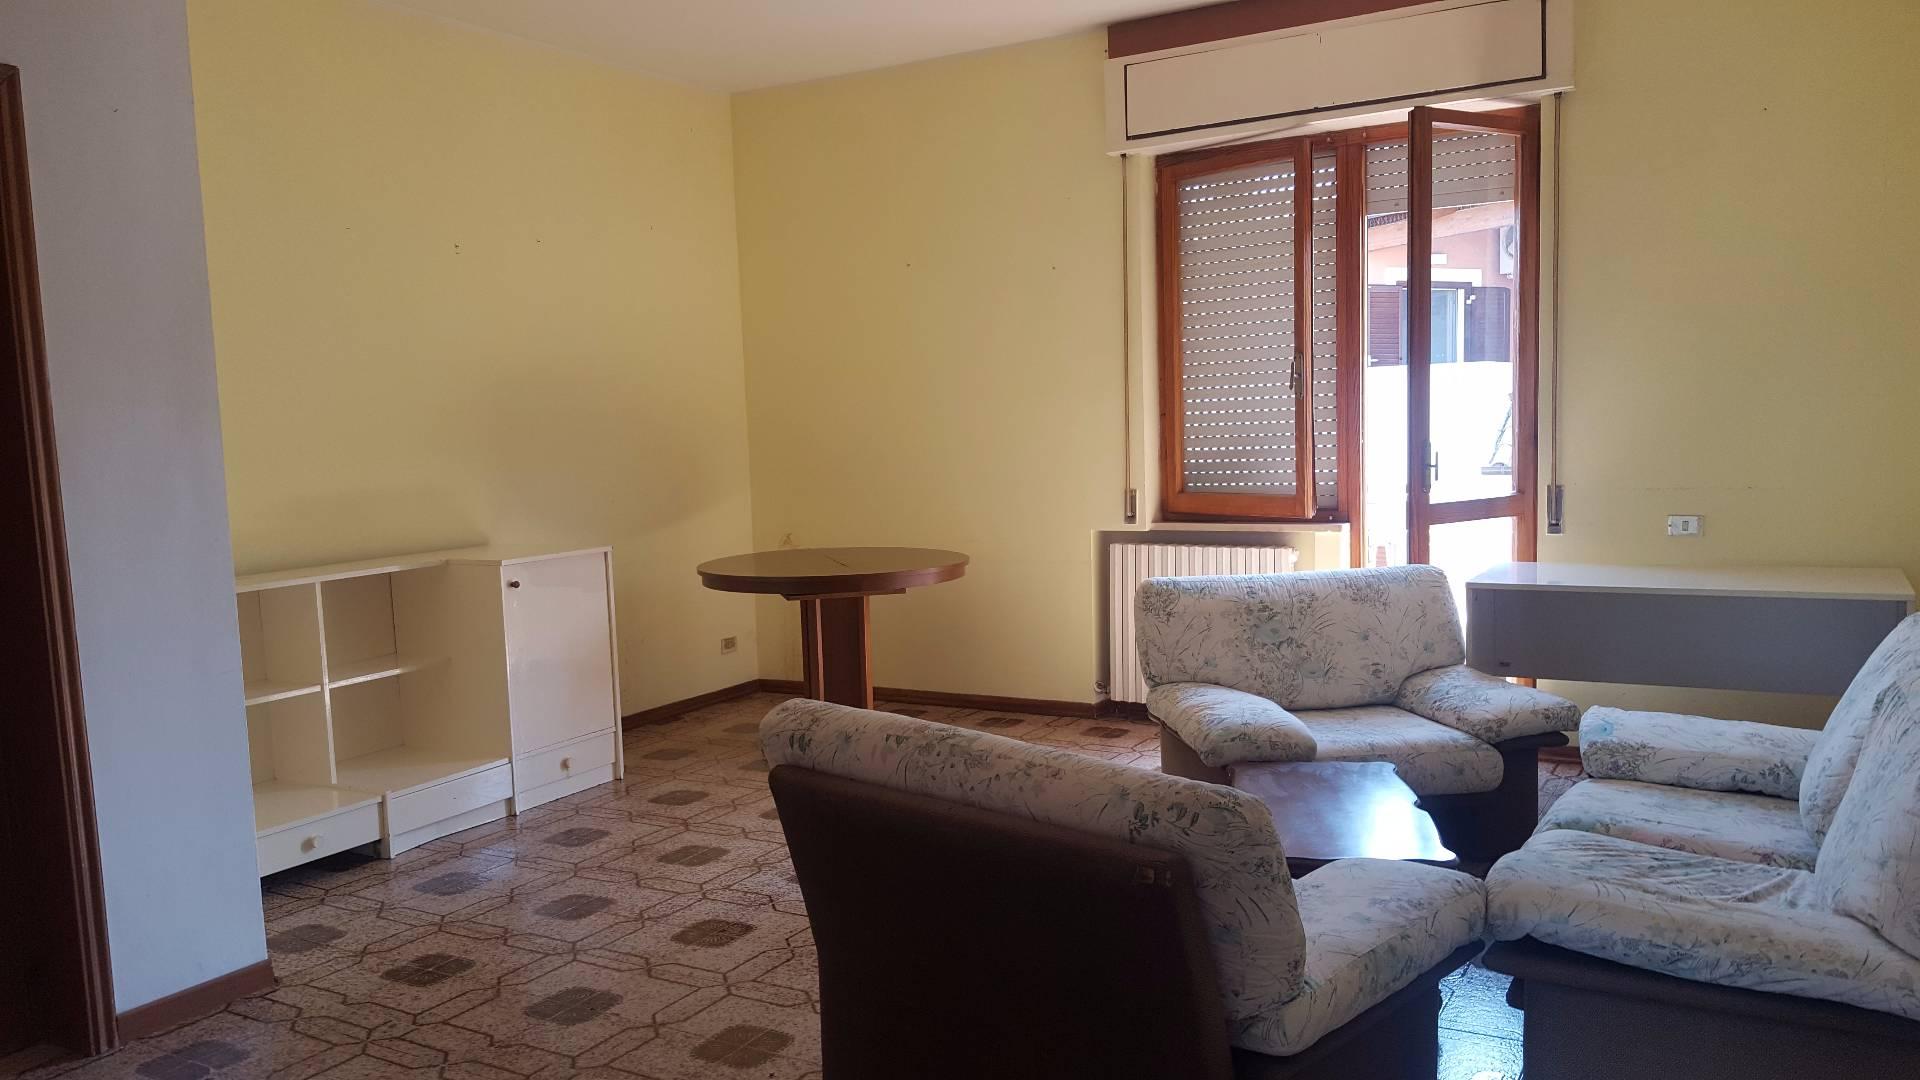 Appartamento in affitto a Teramo, 4 locali, zona Località: VillaMosca, prezzo € 380 | CambioCasa.it